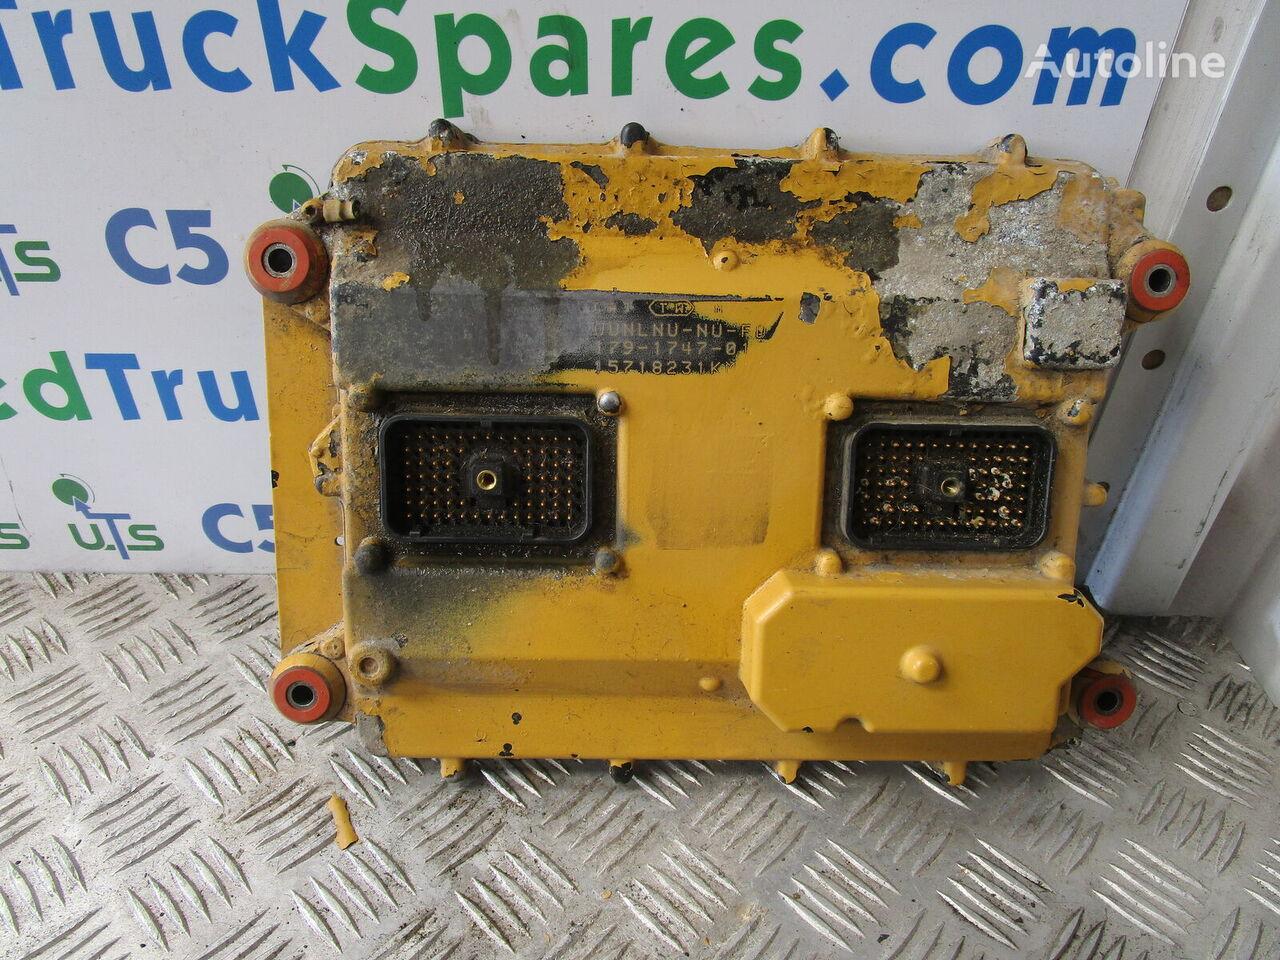 CATERPILLAR C10 ENGINE ECU (179-1747-01) control unit for truck